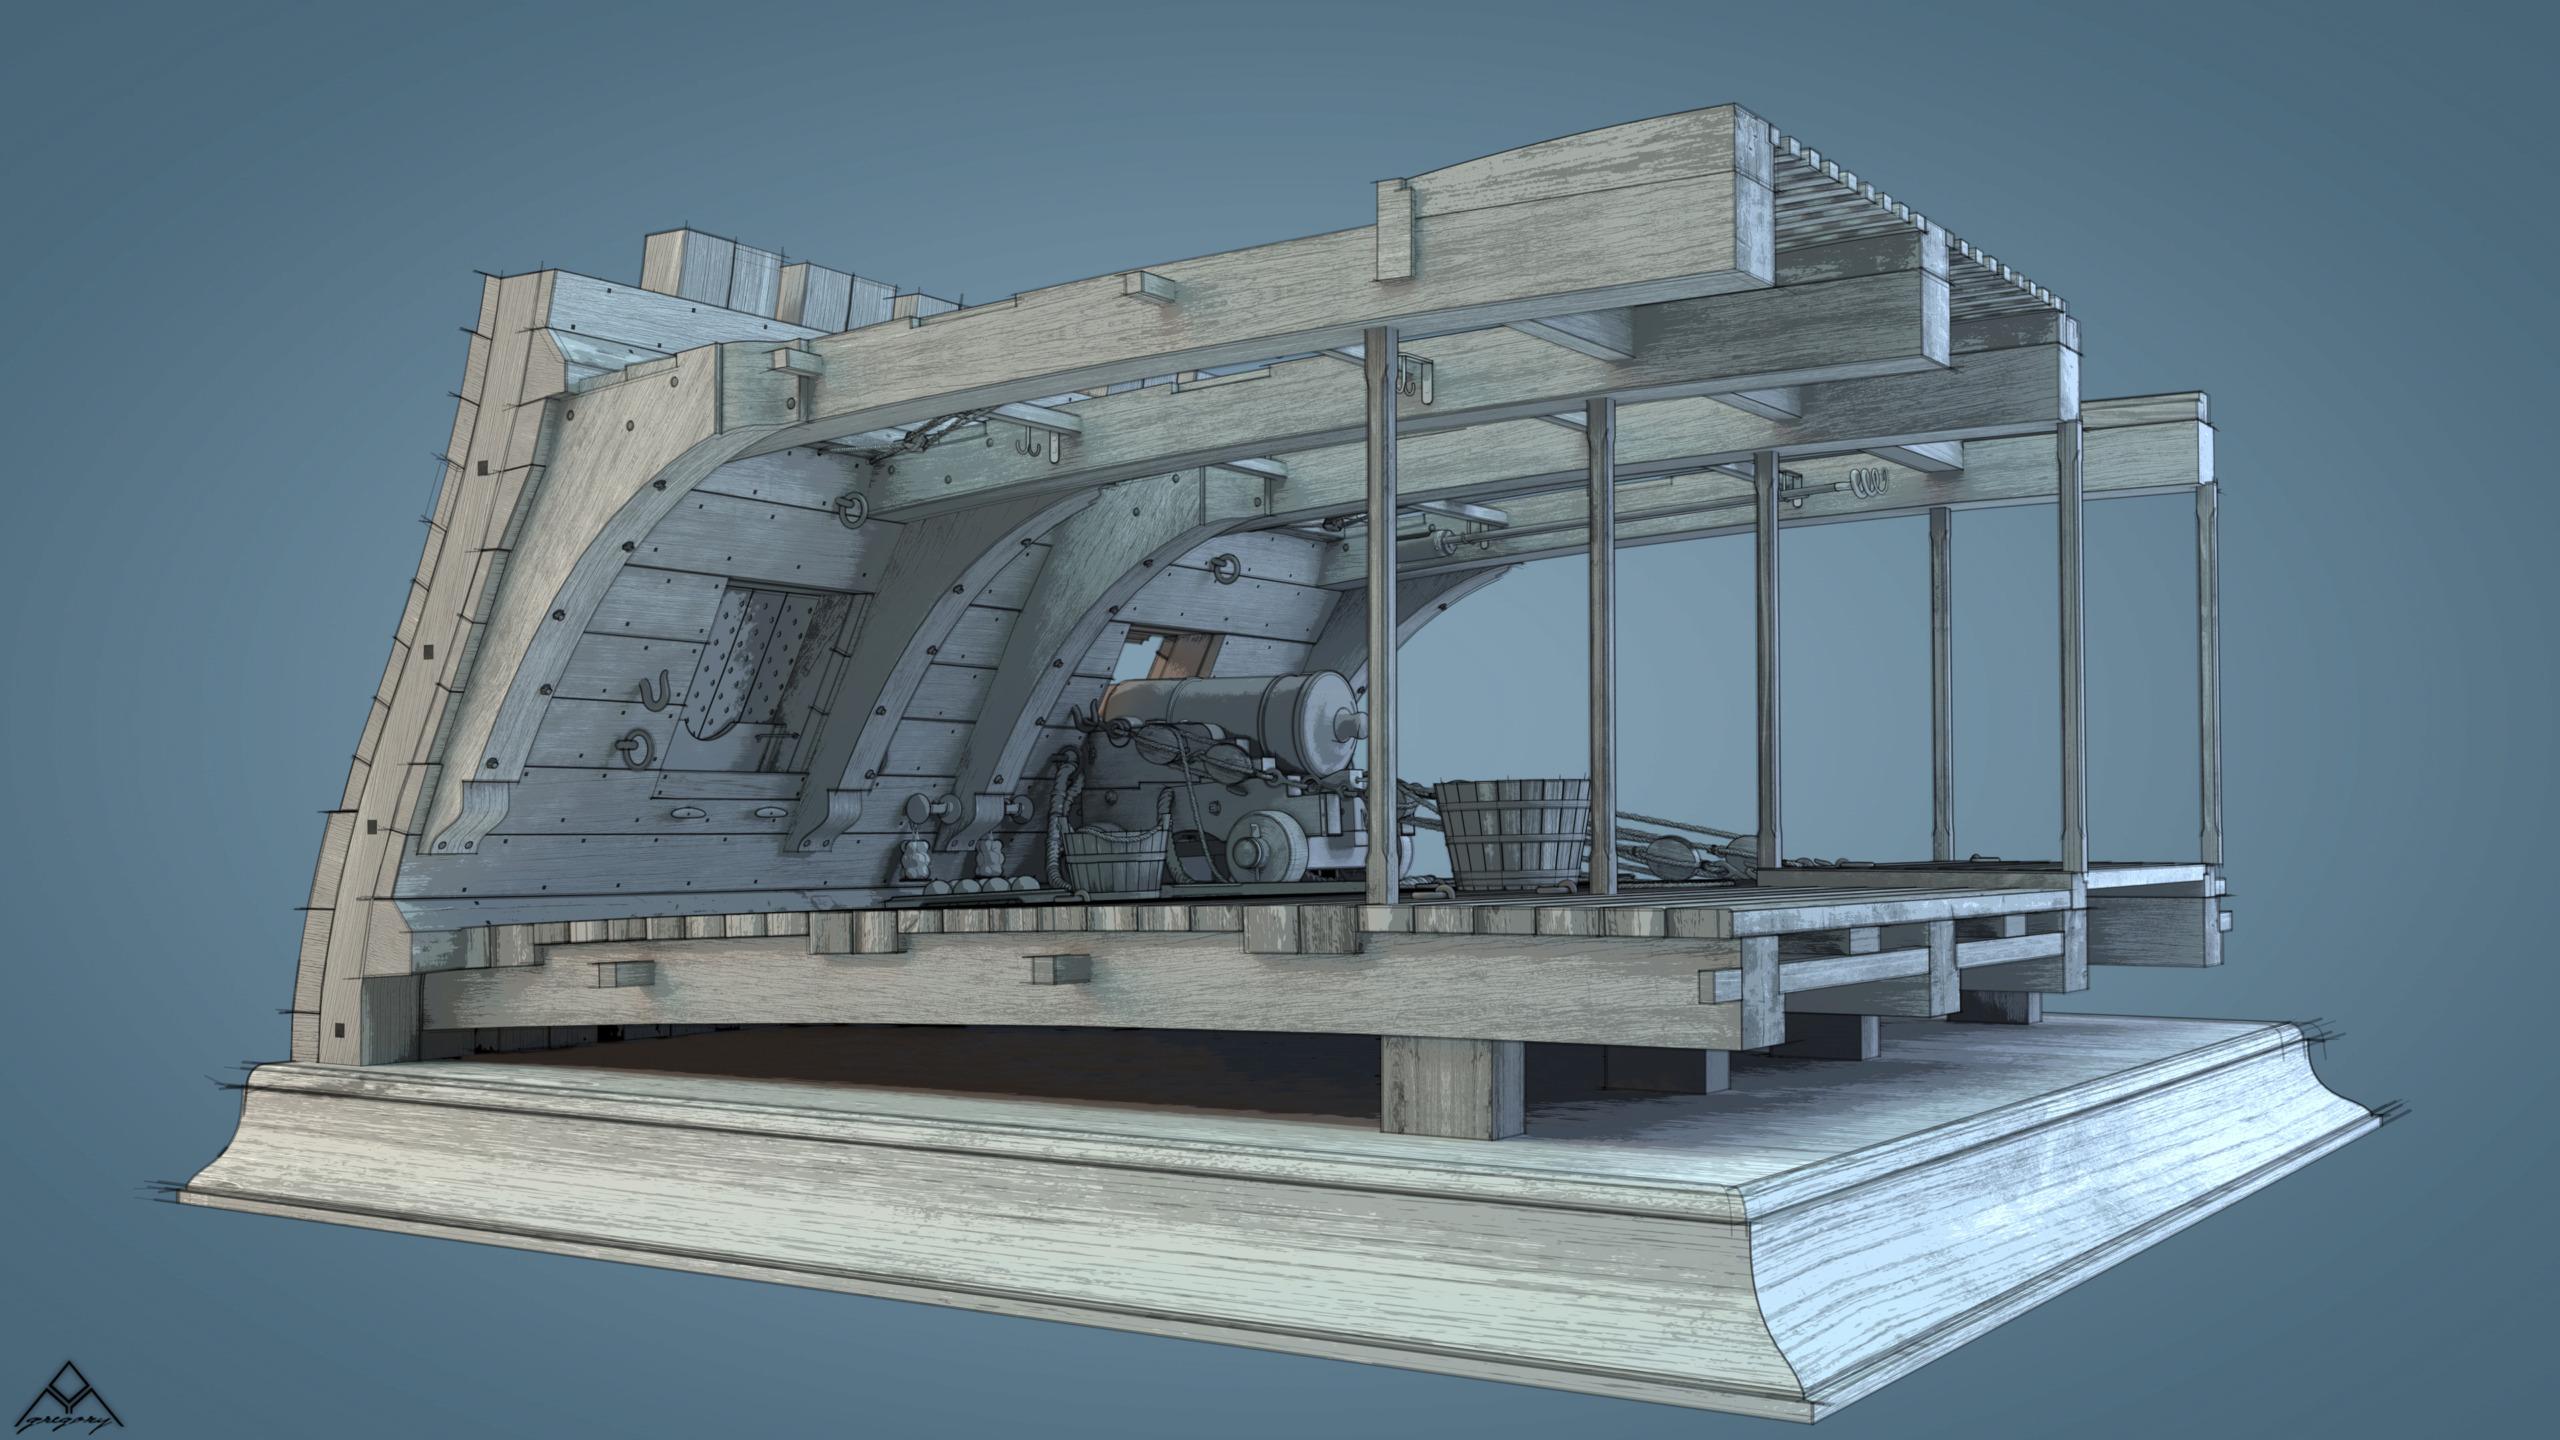 Canons de vaisseau 74 canons (Création 3D) par Greg_3D - Page 9 Rendu116